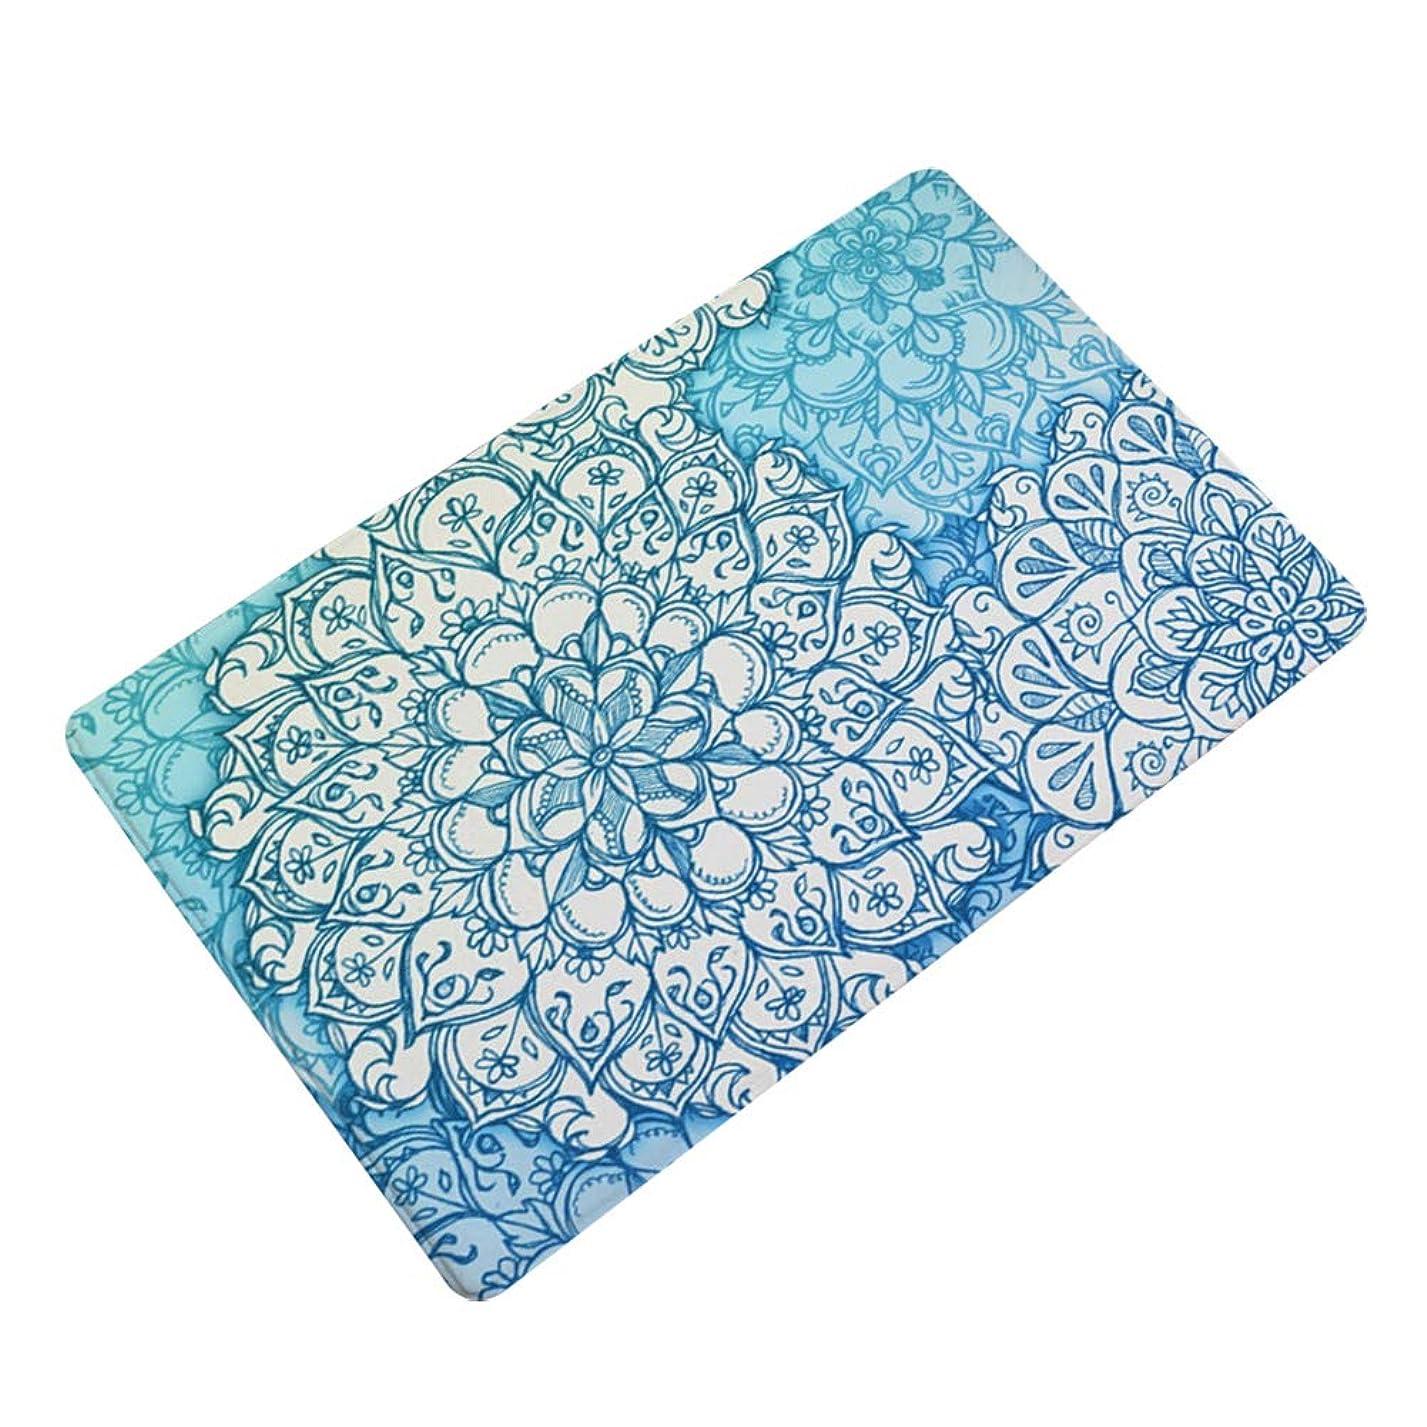 魅力的スチュアート島美的Tothoate バスマット 風呂マット 幾何学の花 吸水 滑り止めマット 50x80cm 足ふきマット 抗菌 おしゃれ 丸洗い 強力吸水 抗菌防臭